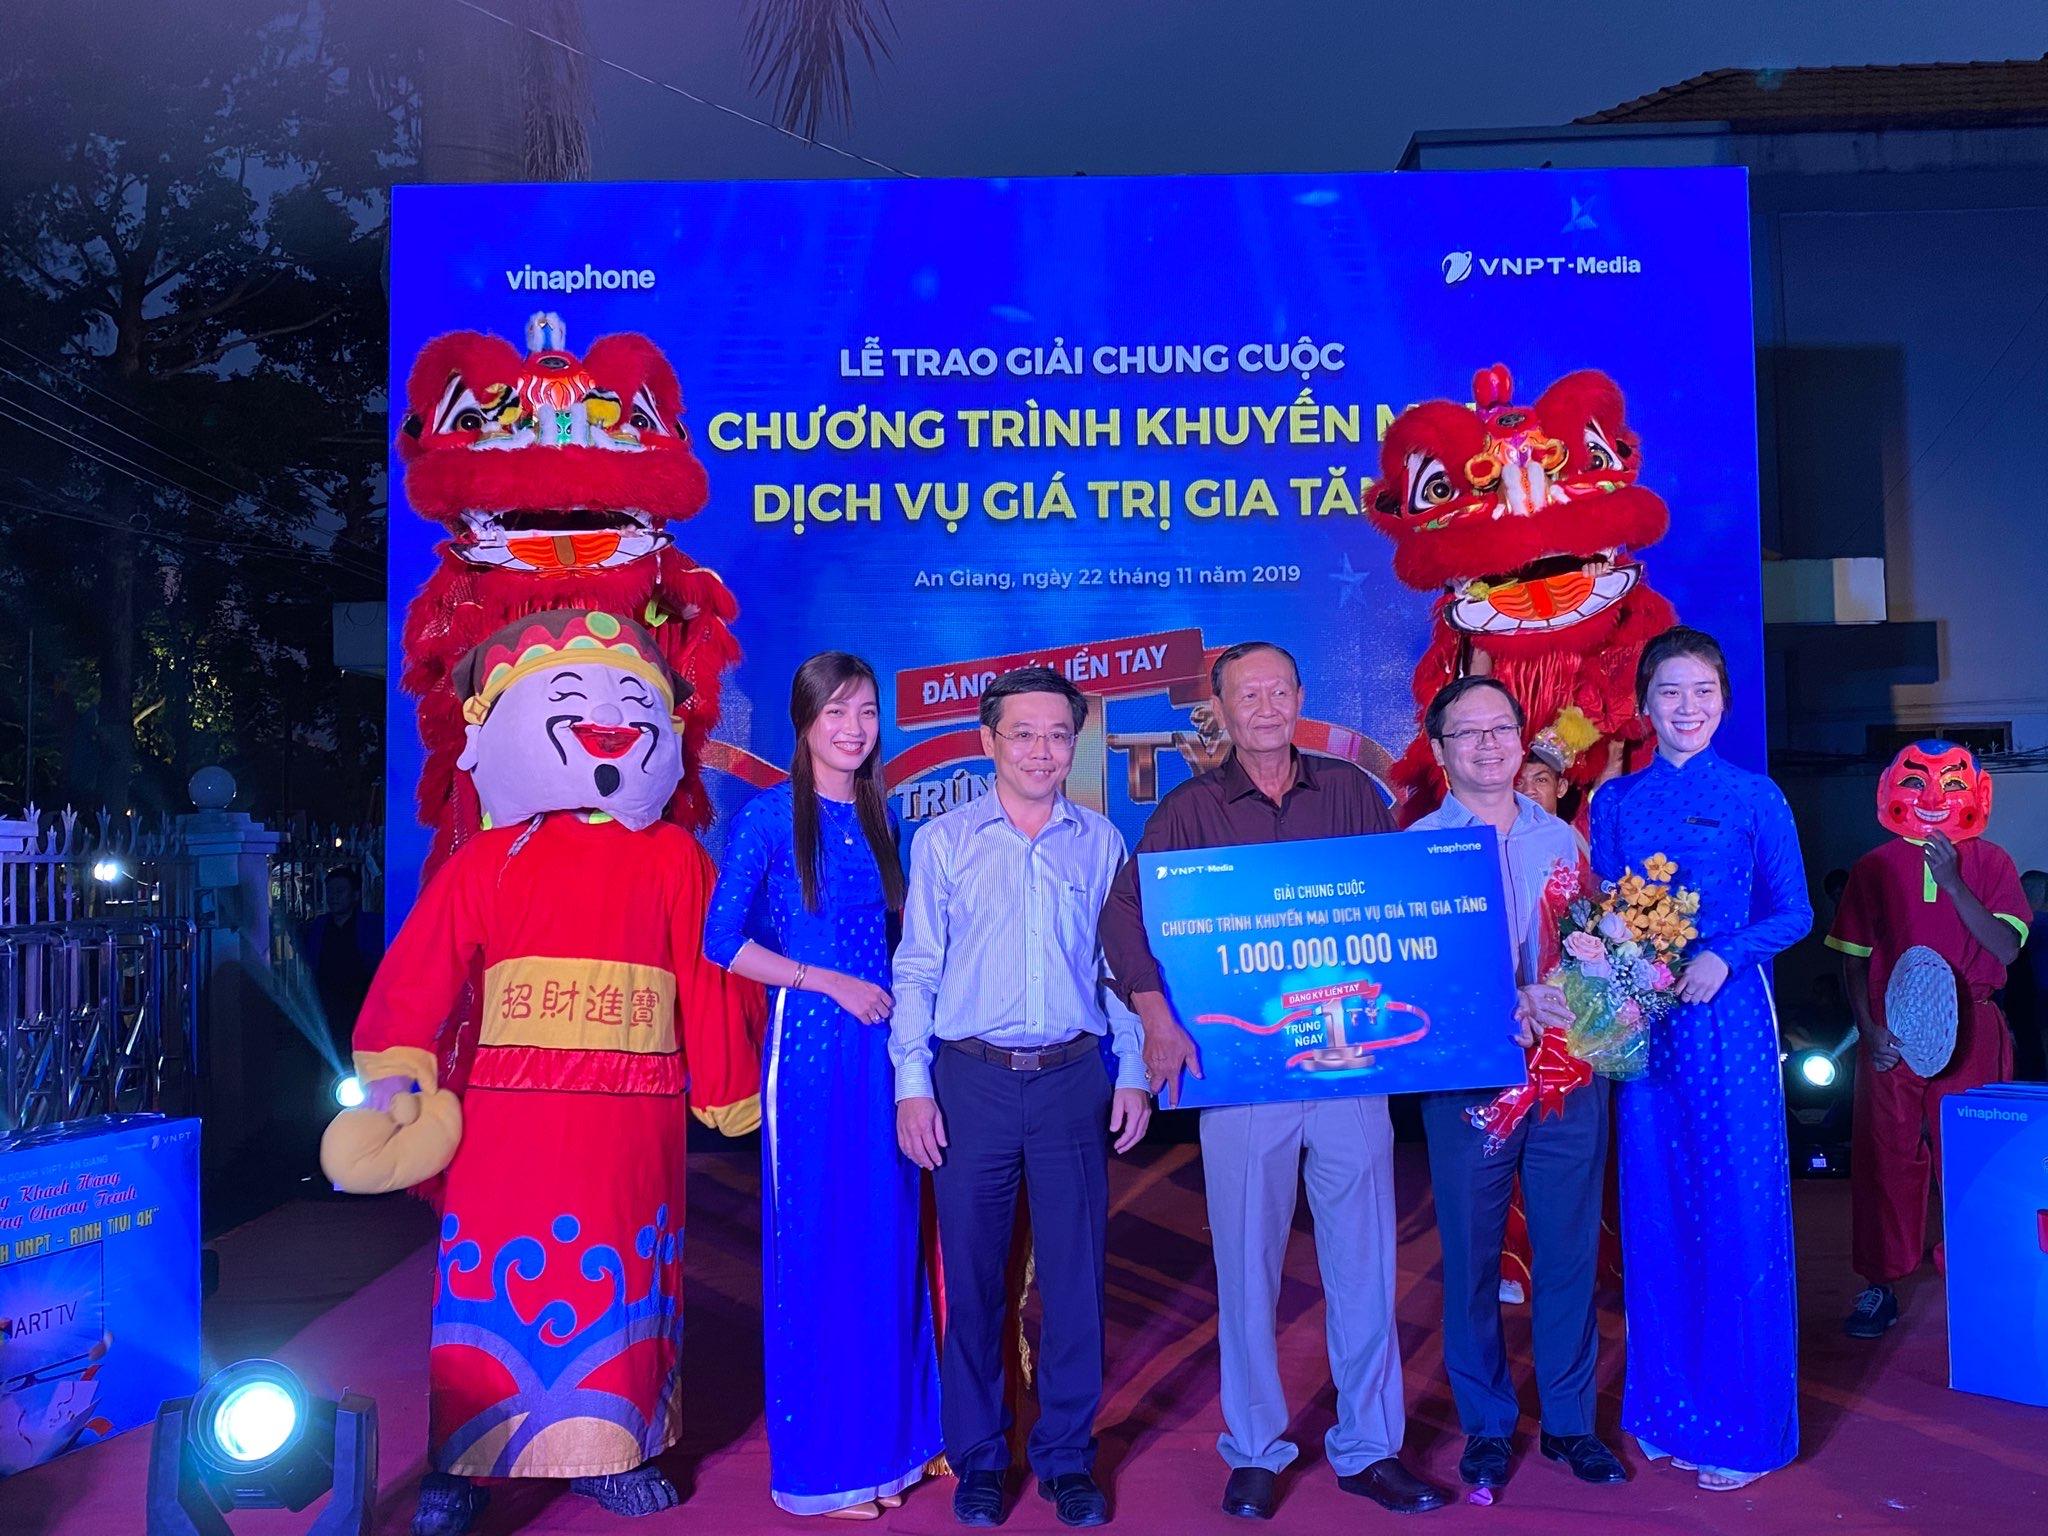 Thuê bao VinaPhone tại An Giang trúng thưởng 1 tỷ đồng tiền mặt